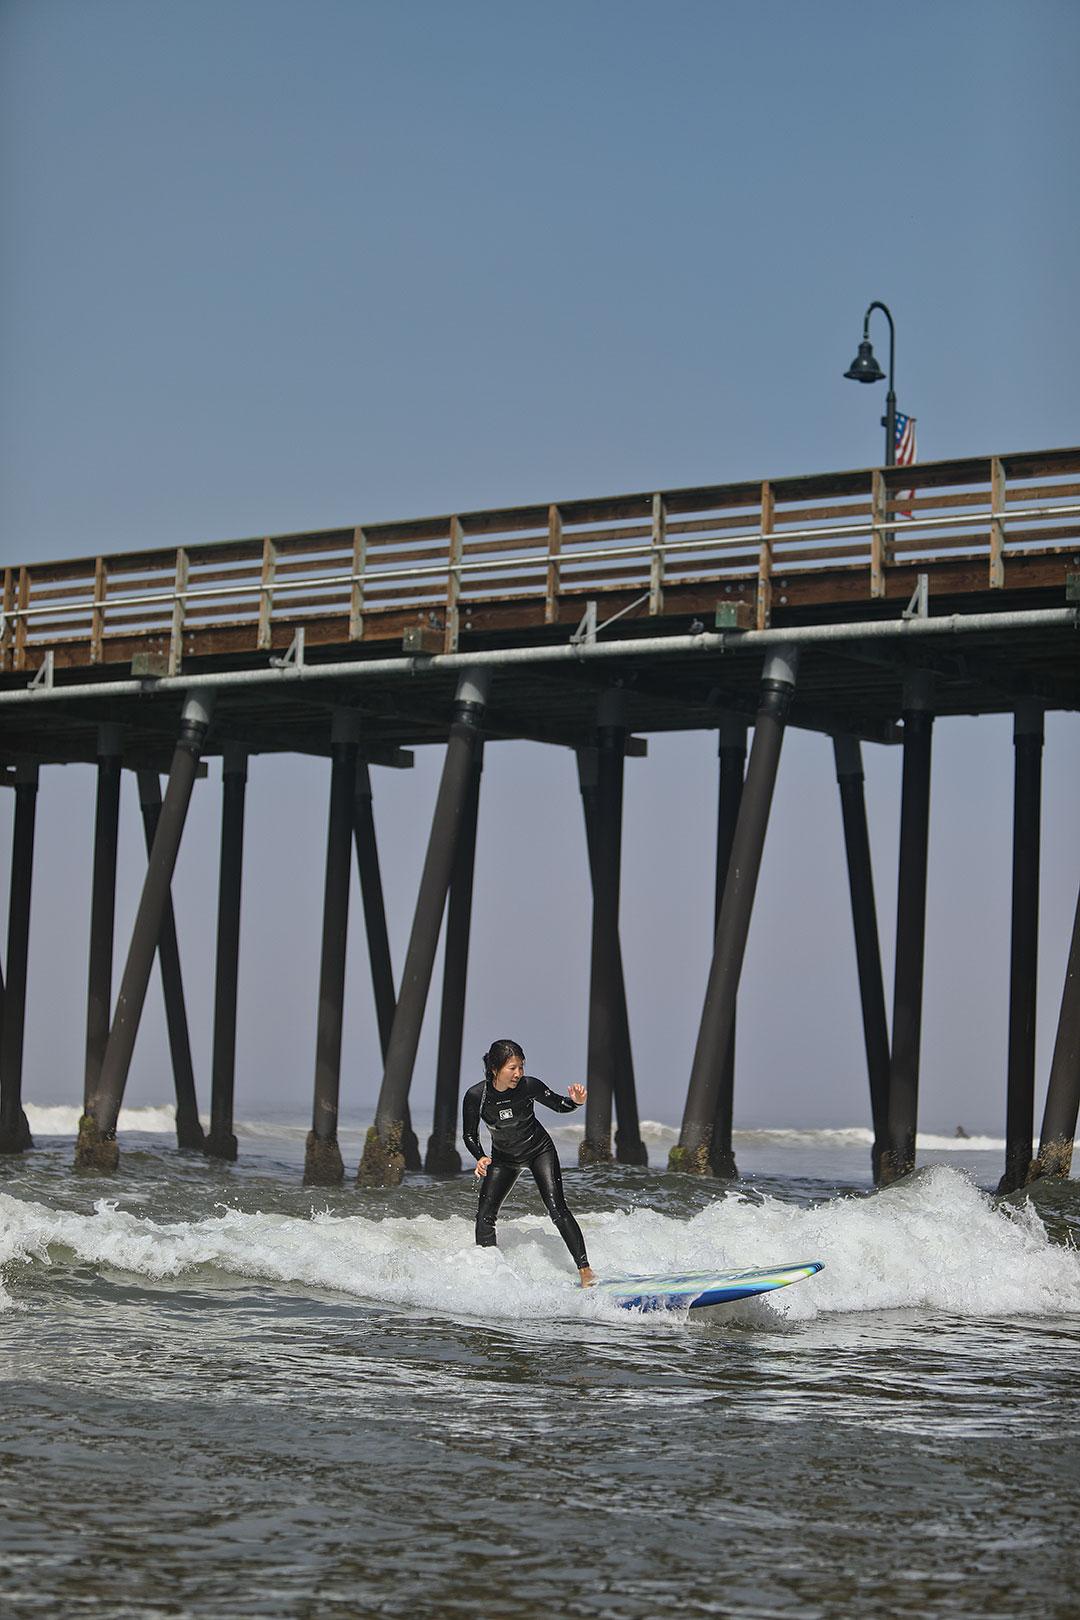 Surfing Pismo Beach + 15 Best Surfing Beaches in California